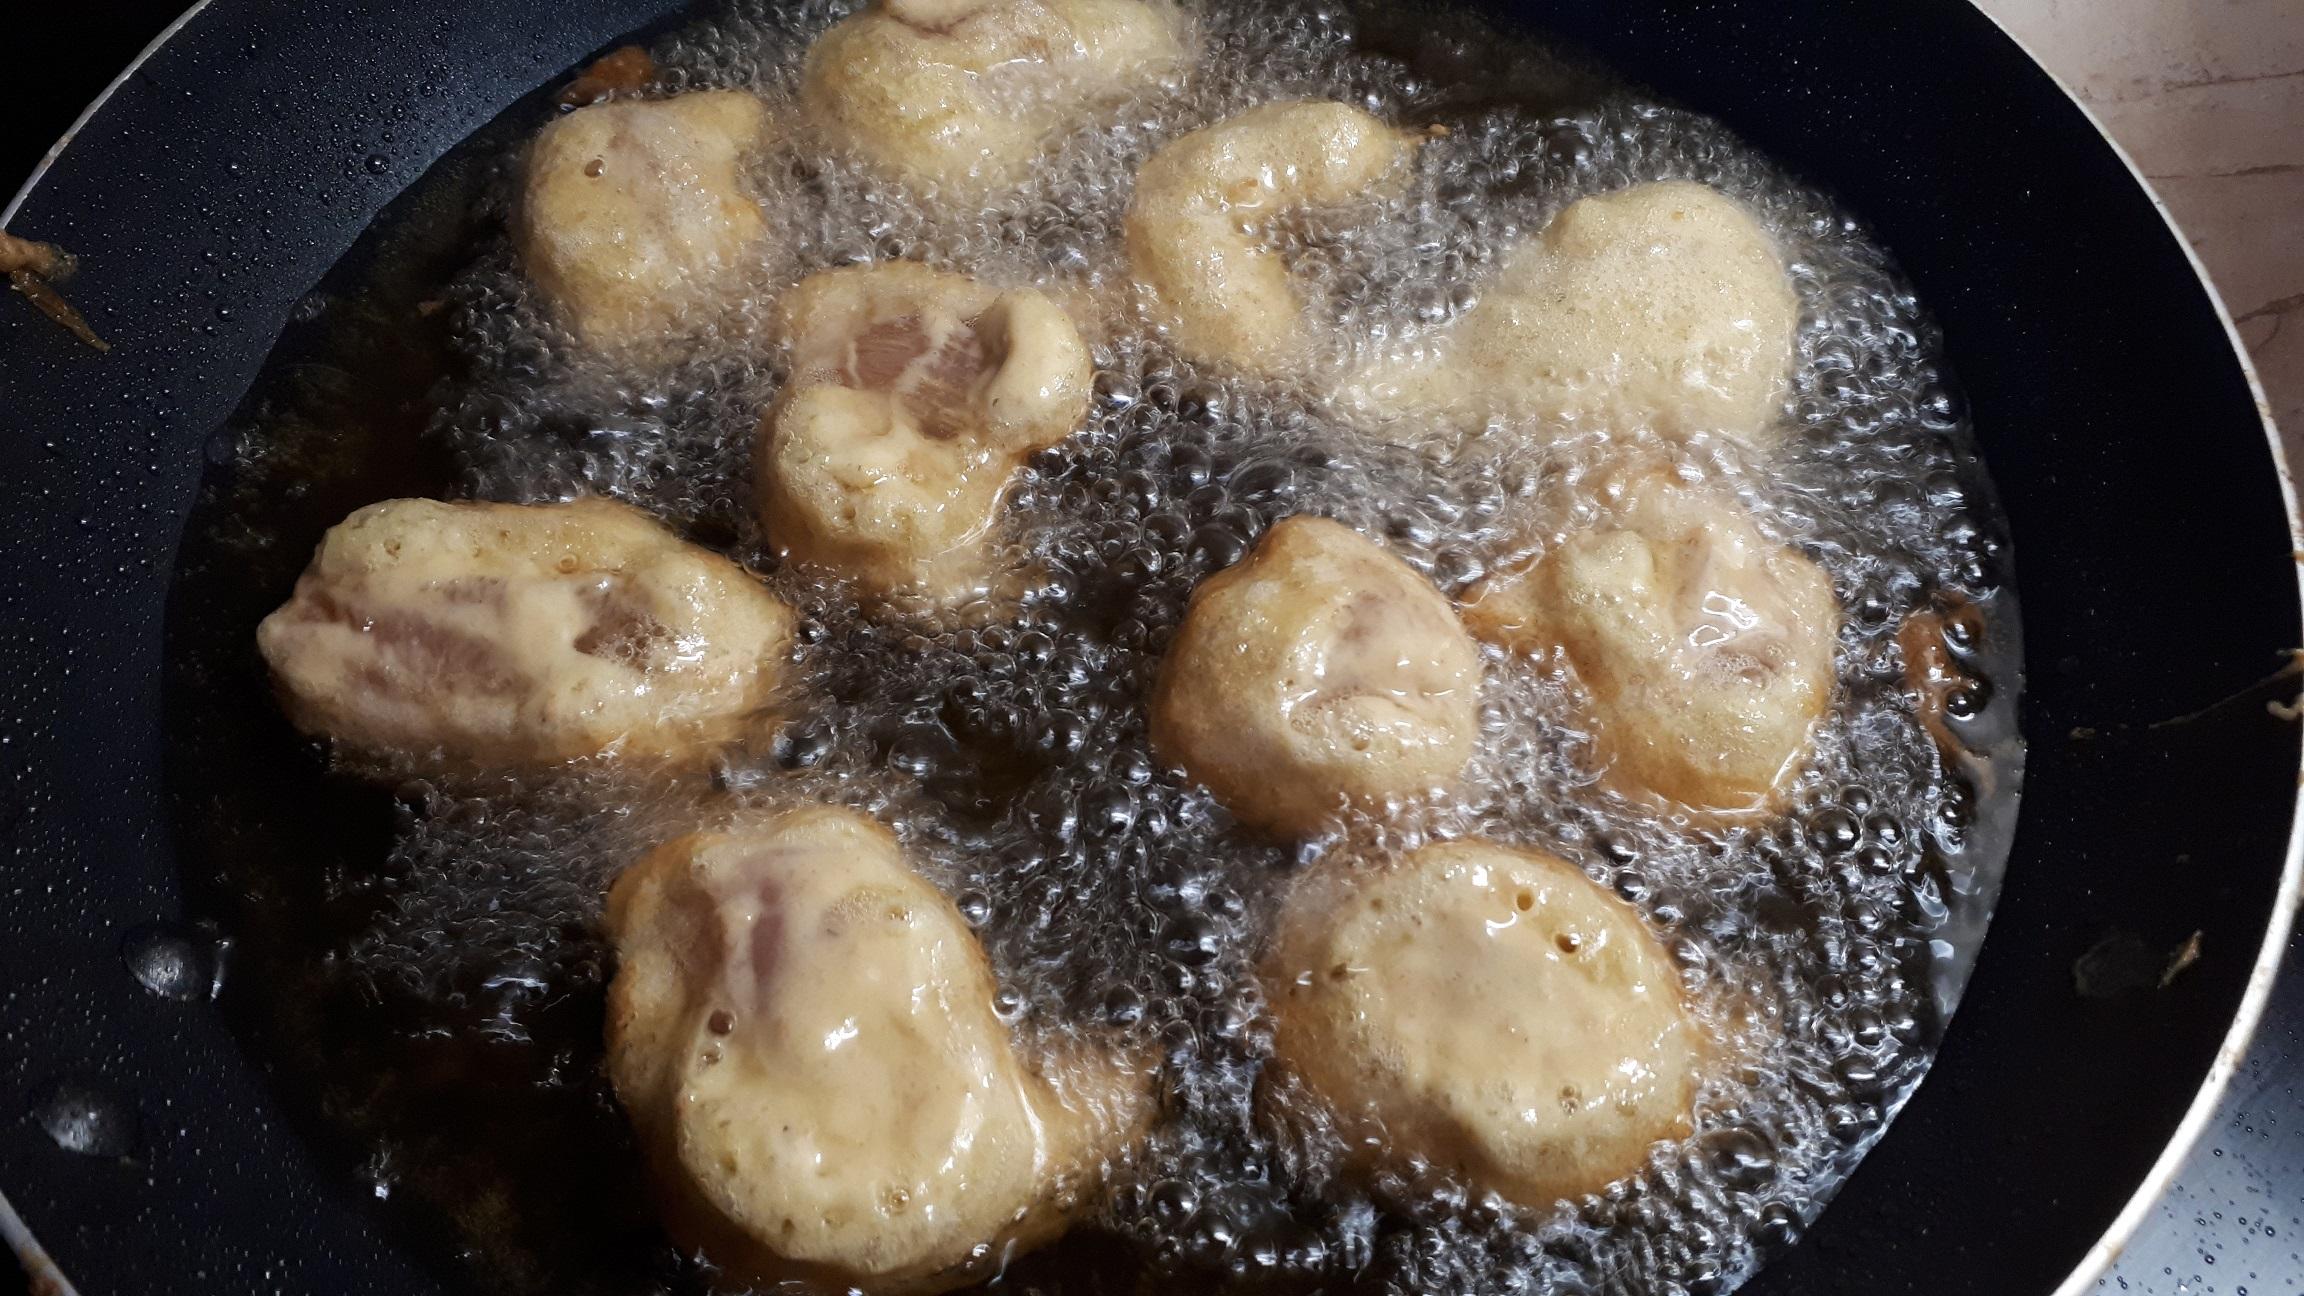 Kínai szezámmagos csirkemell diétásan, méz nélkül, Dia Wellness CH minusz szénhidrátcsökkentett lisztből